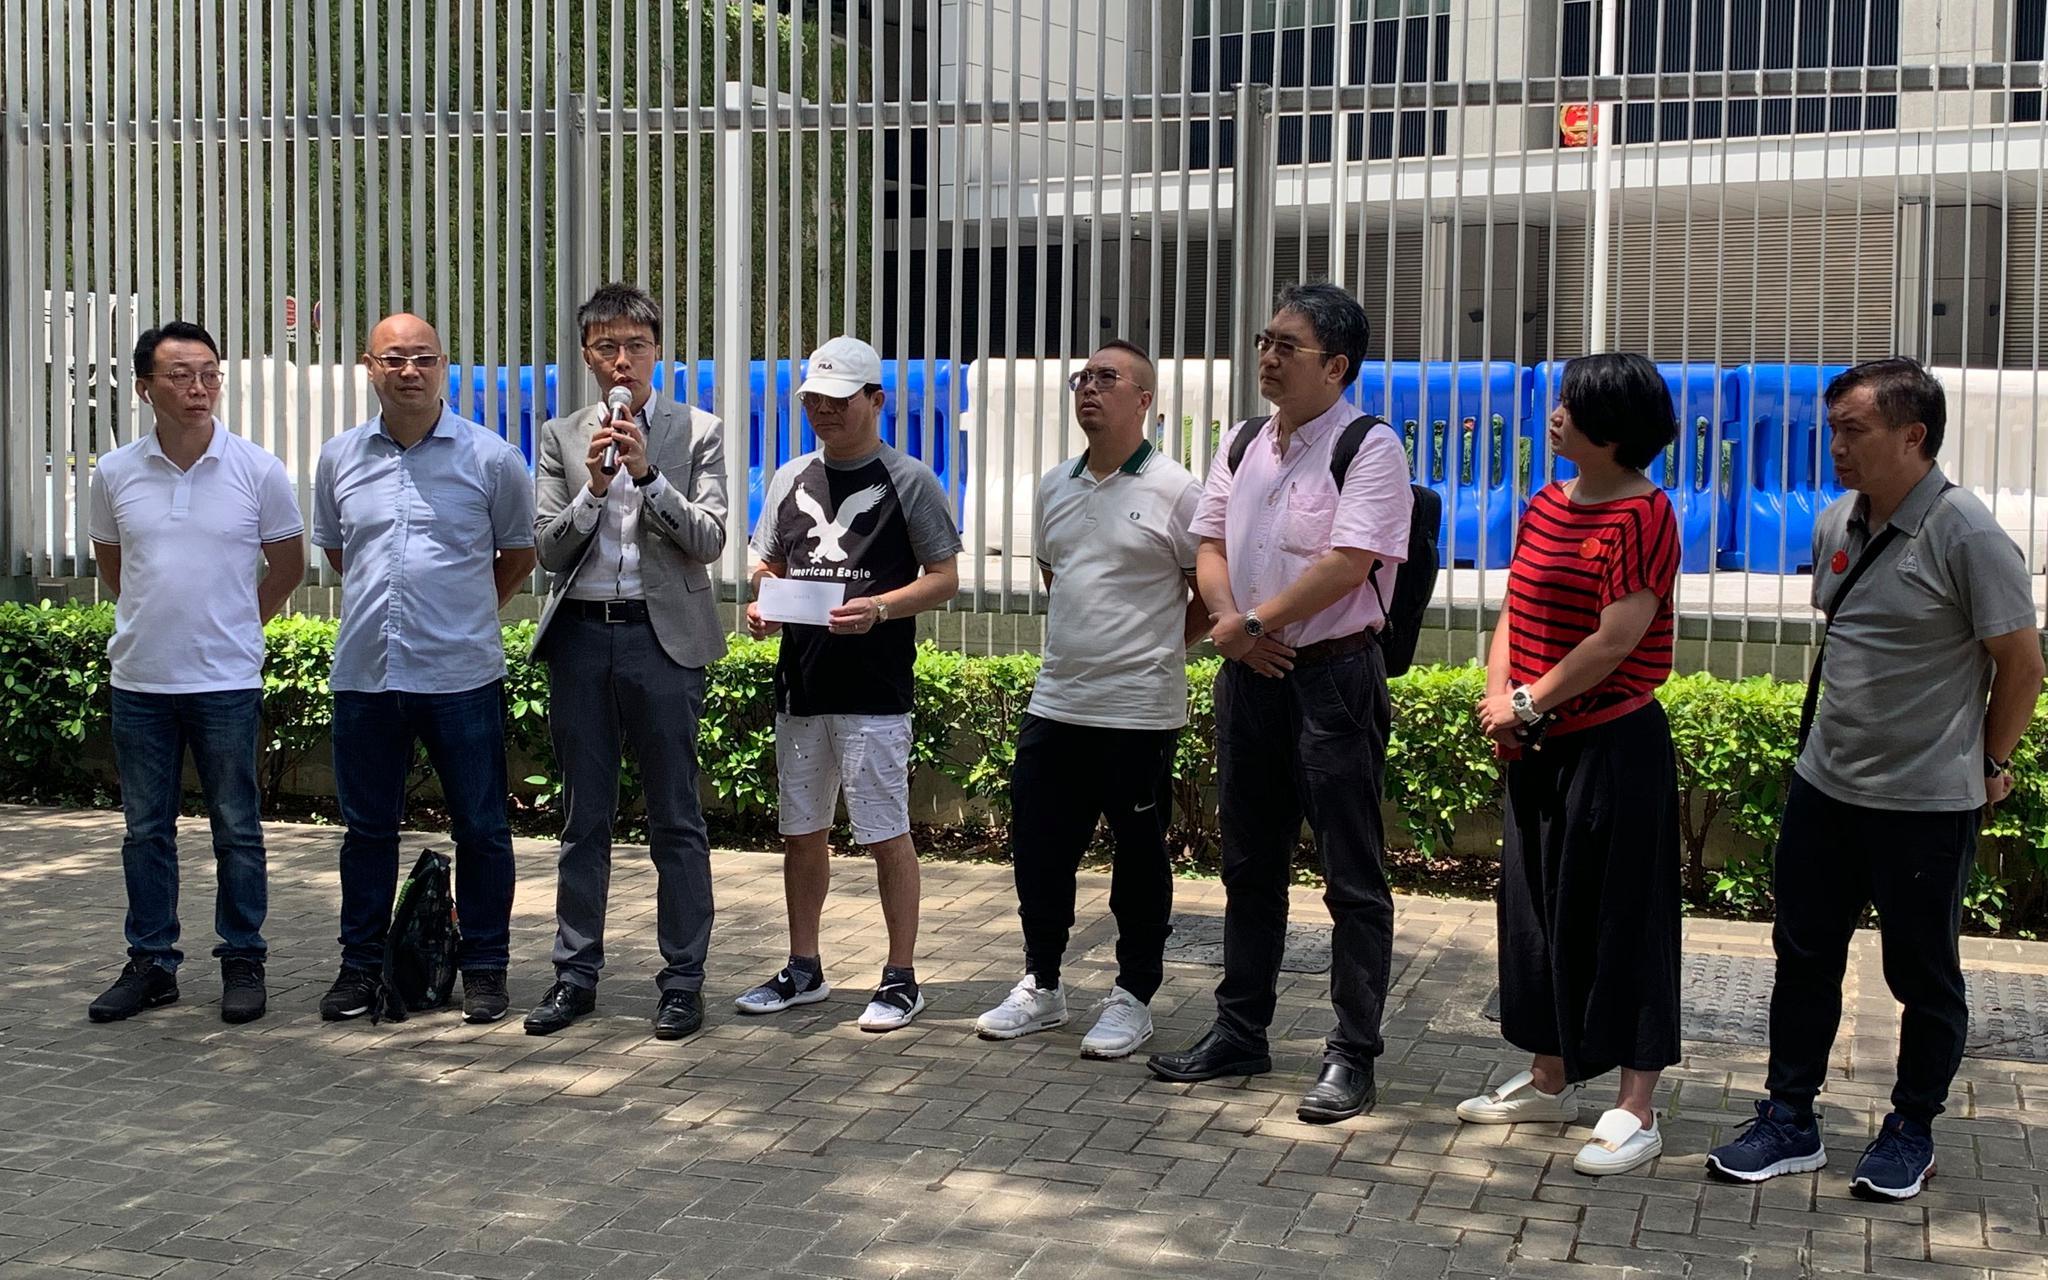 9月10日上午,多名旅游从业者在香港特区政府总部门口诵读请愿书。